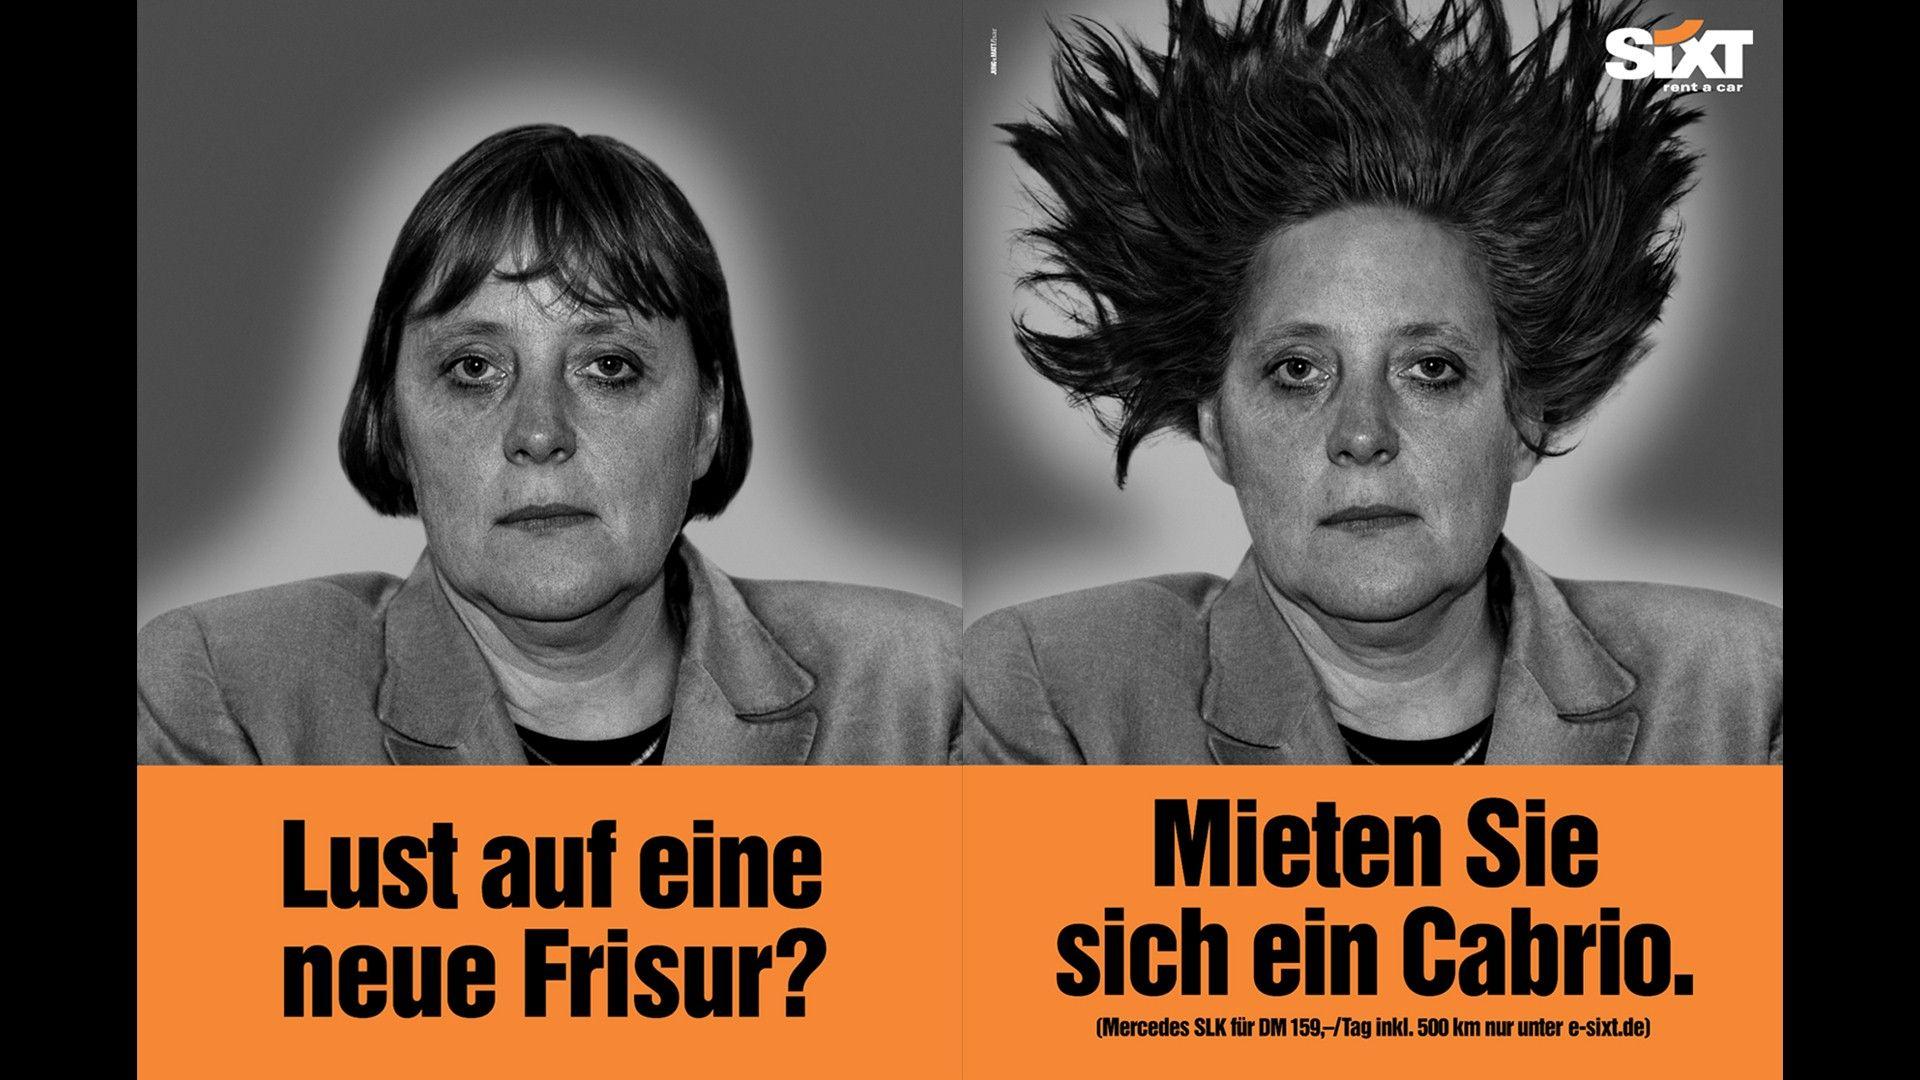 sixt cabrio frisur - Goring Eckardt Lebenslauf